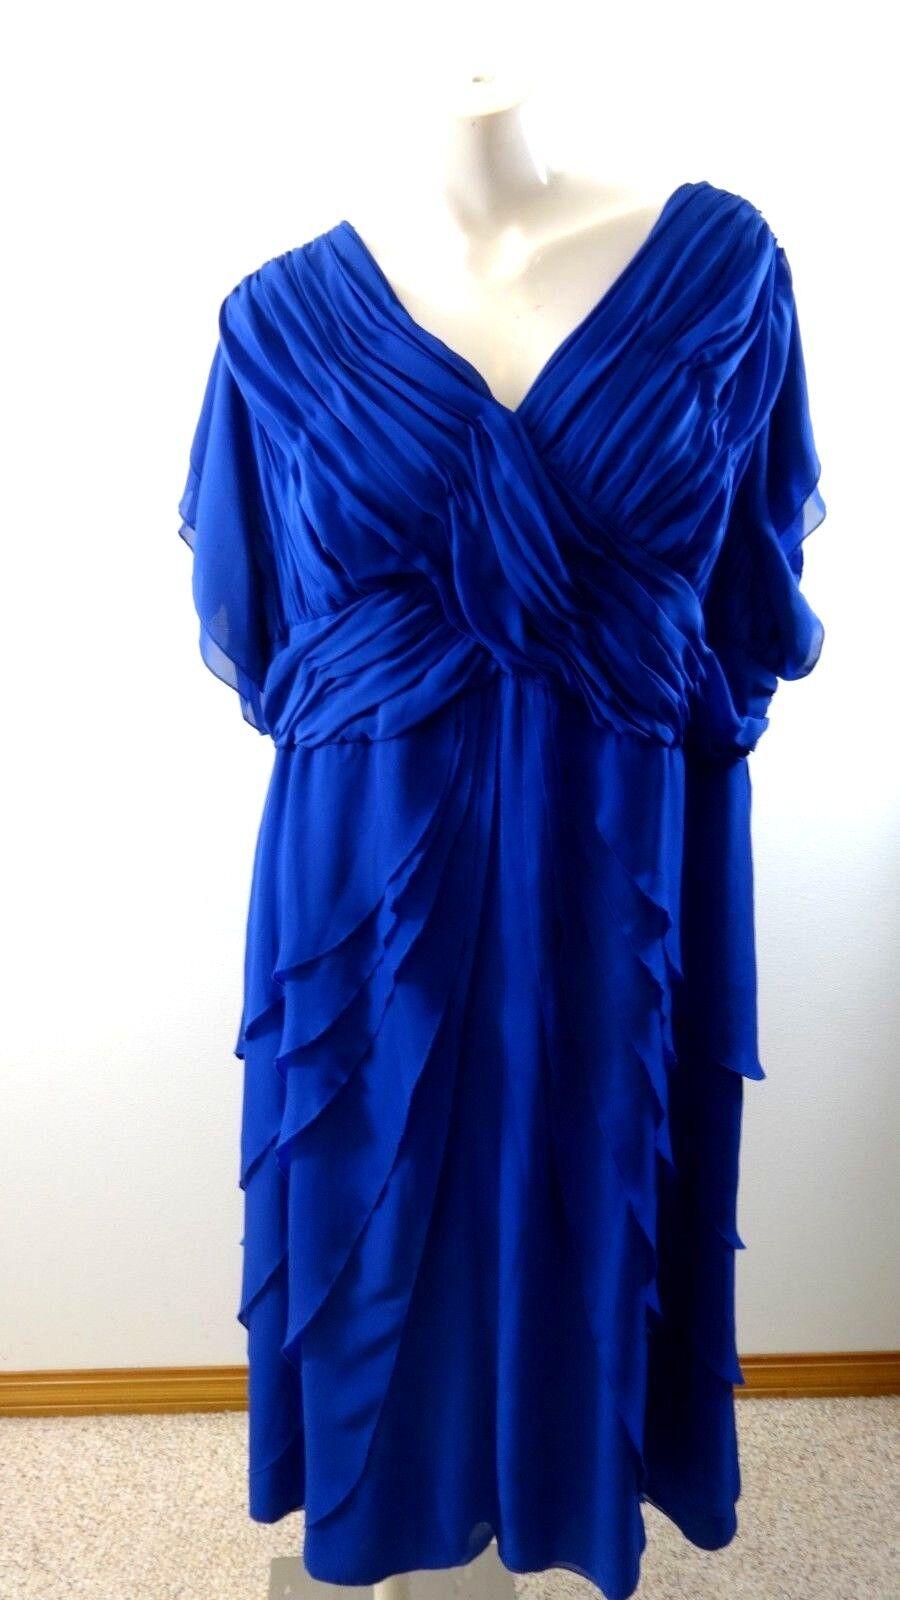 details zu roaman's damen königsblau rüschen party oder brautmutter kleid  größe 24w